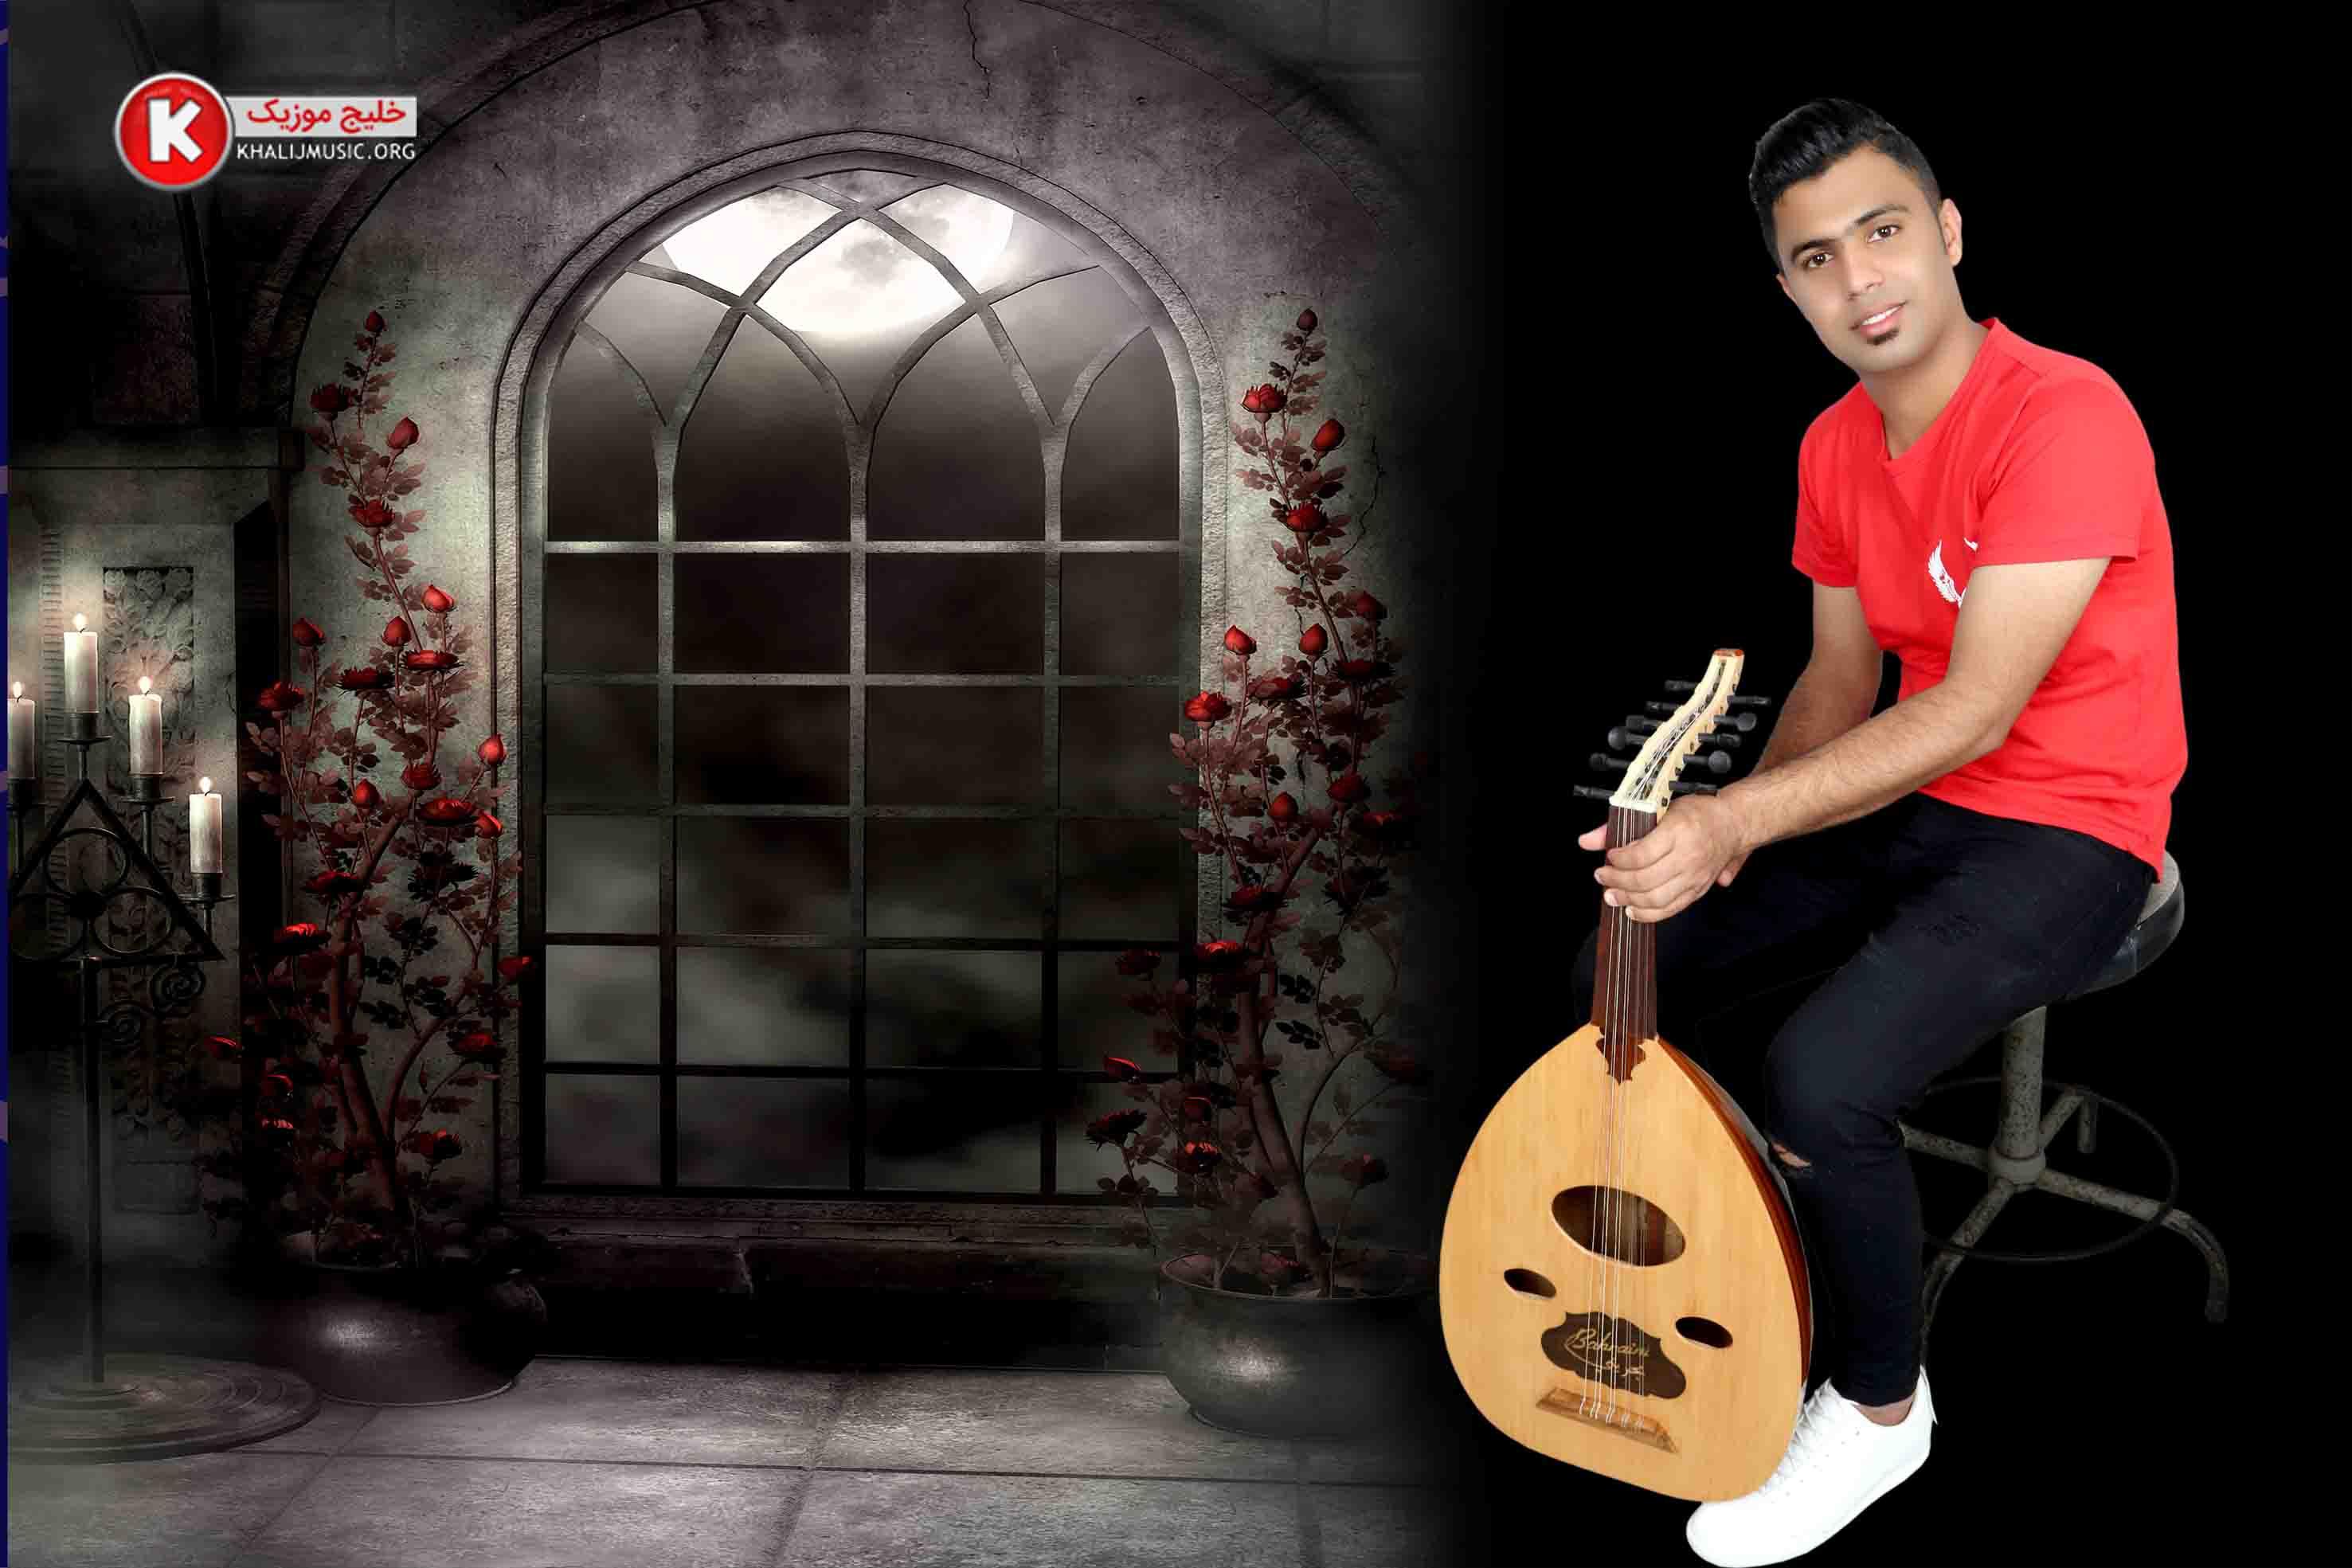 احمد یوسفی زاده دانلود آهنگ جدید اجرای زنده و بسیار زیبا و شنیدنی بصورت حفله